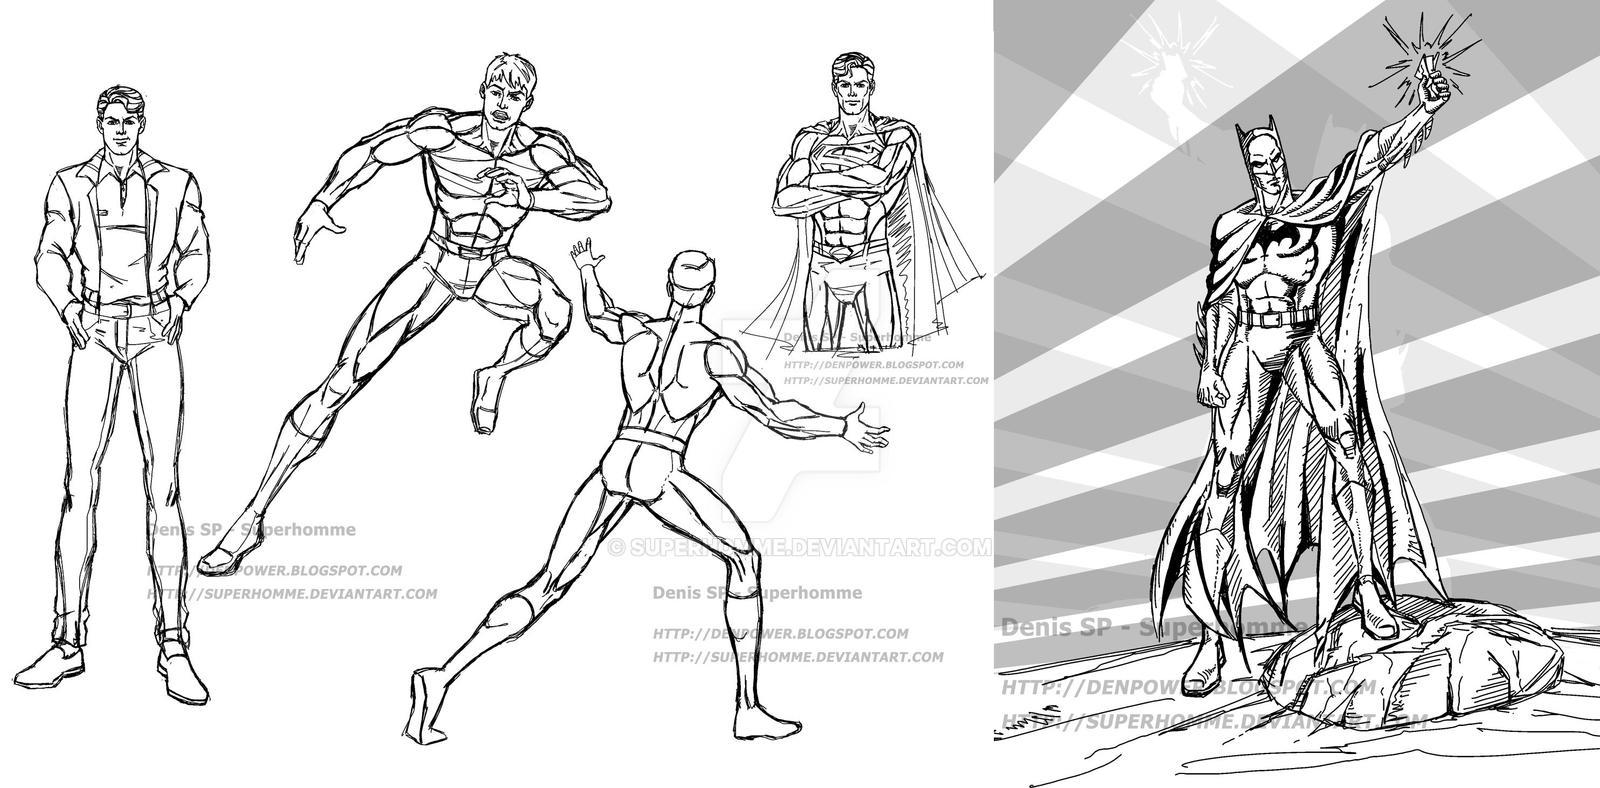 Mens sketch - Batman